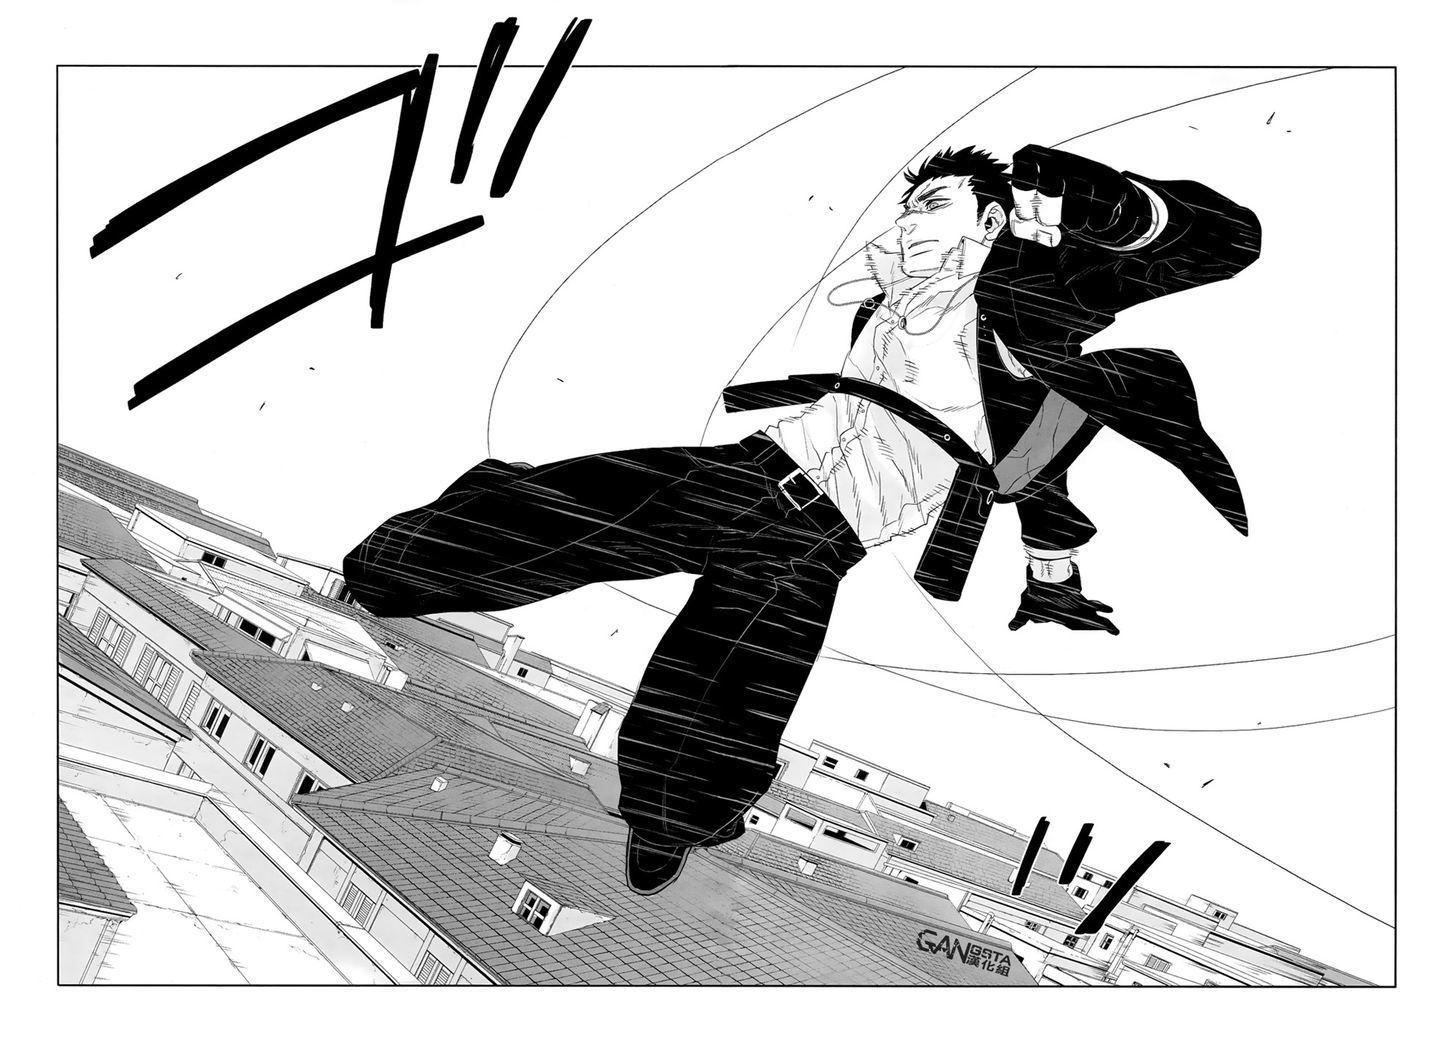 Gangsta. 36 - Read Gangsta. vol.7 ch.36 Online For Free - Stream 1 Edition 1 Page All - MangaPark